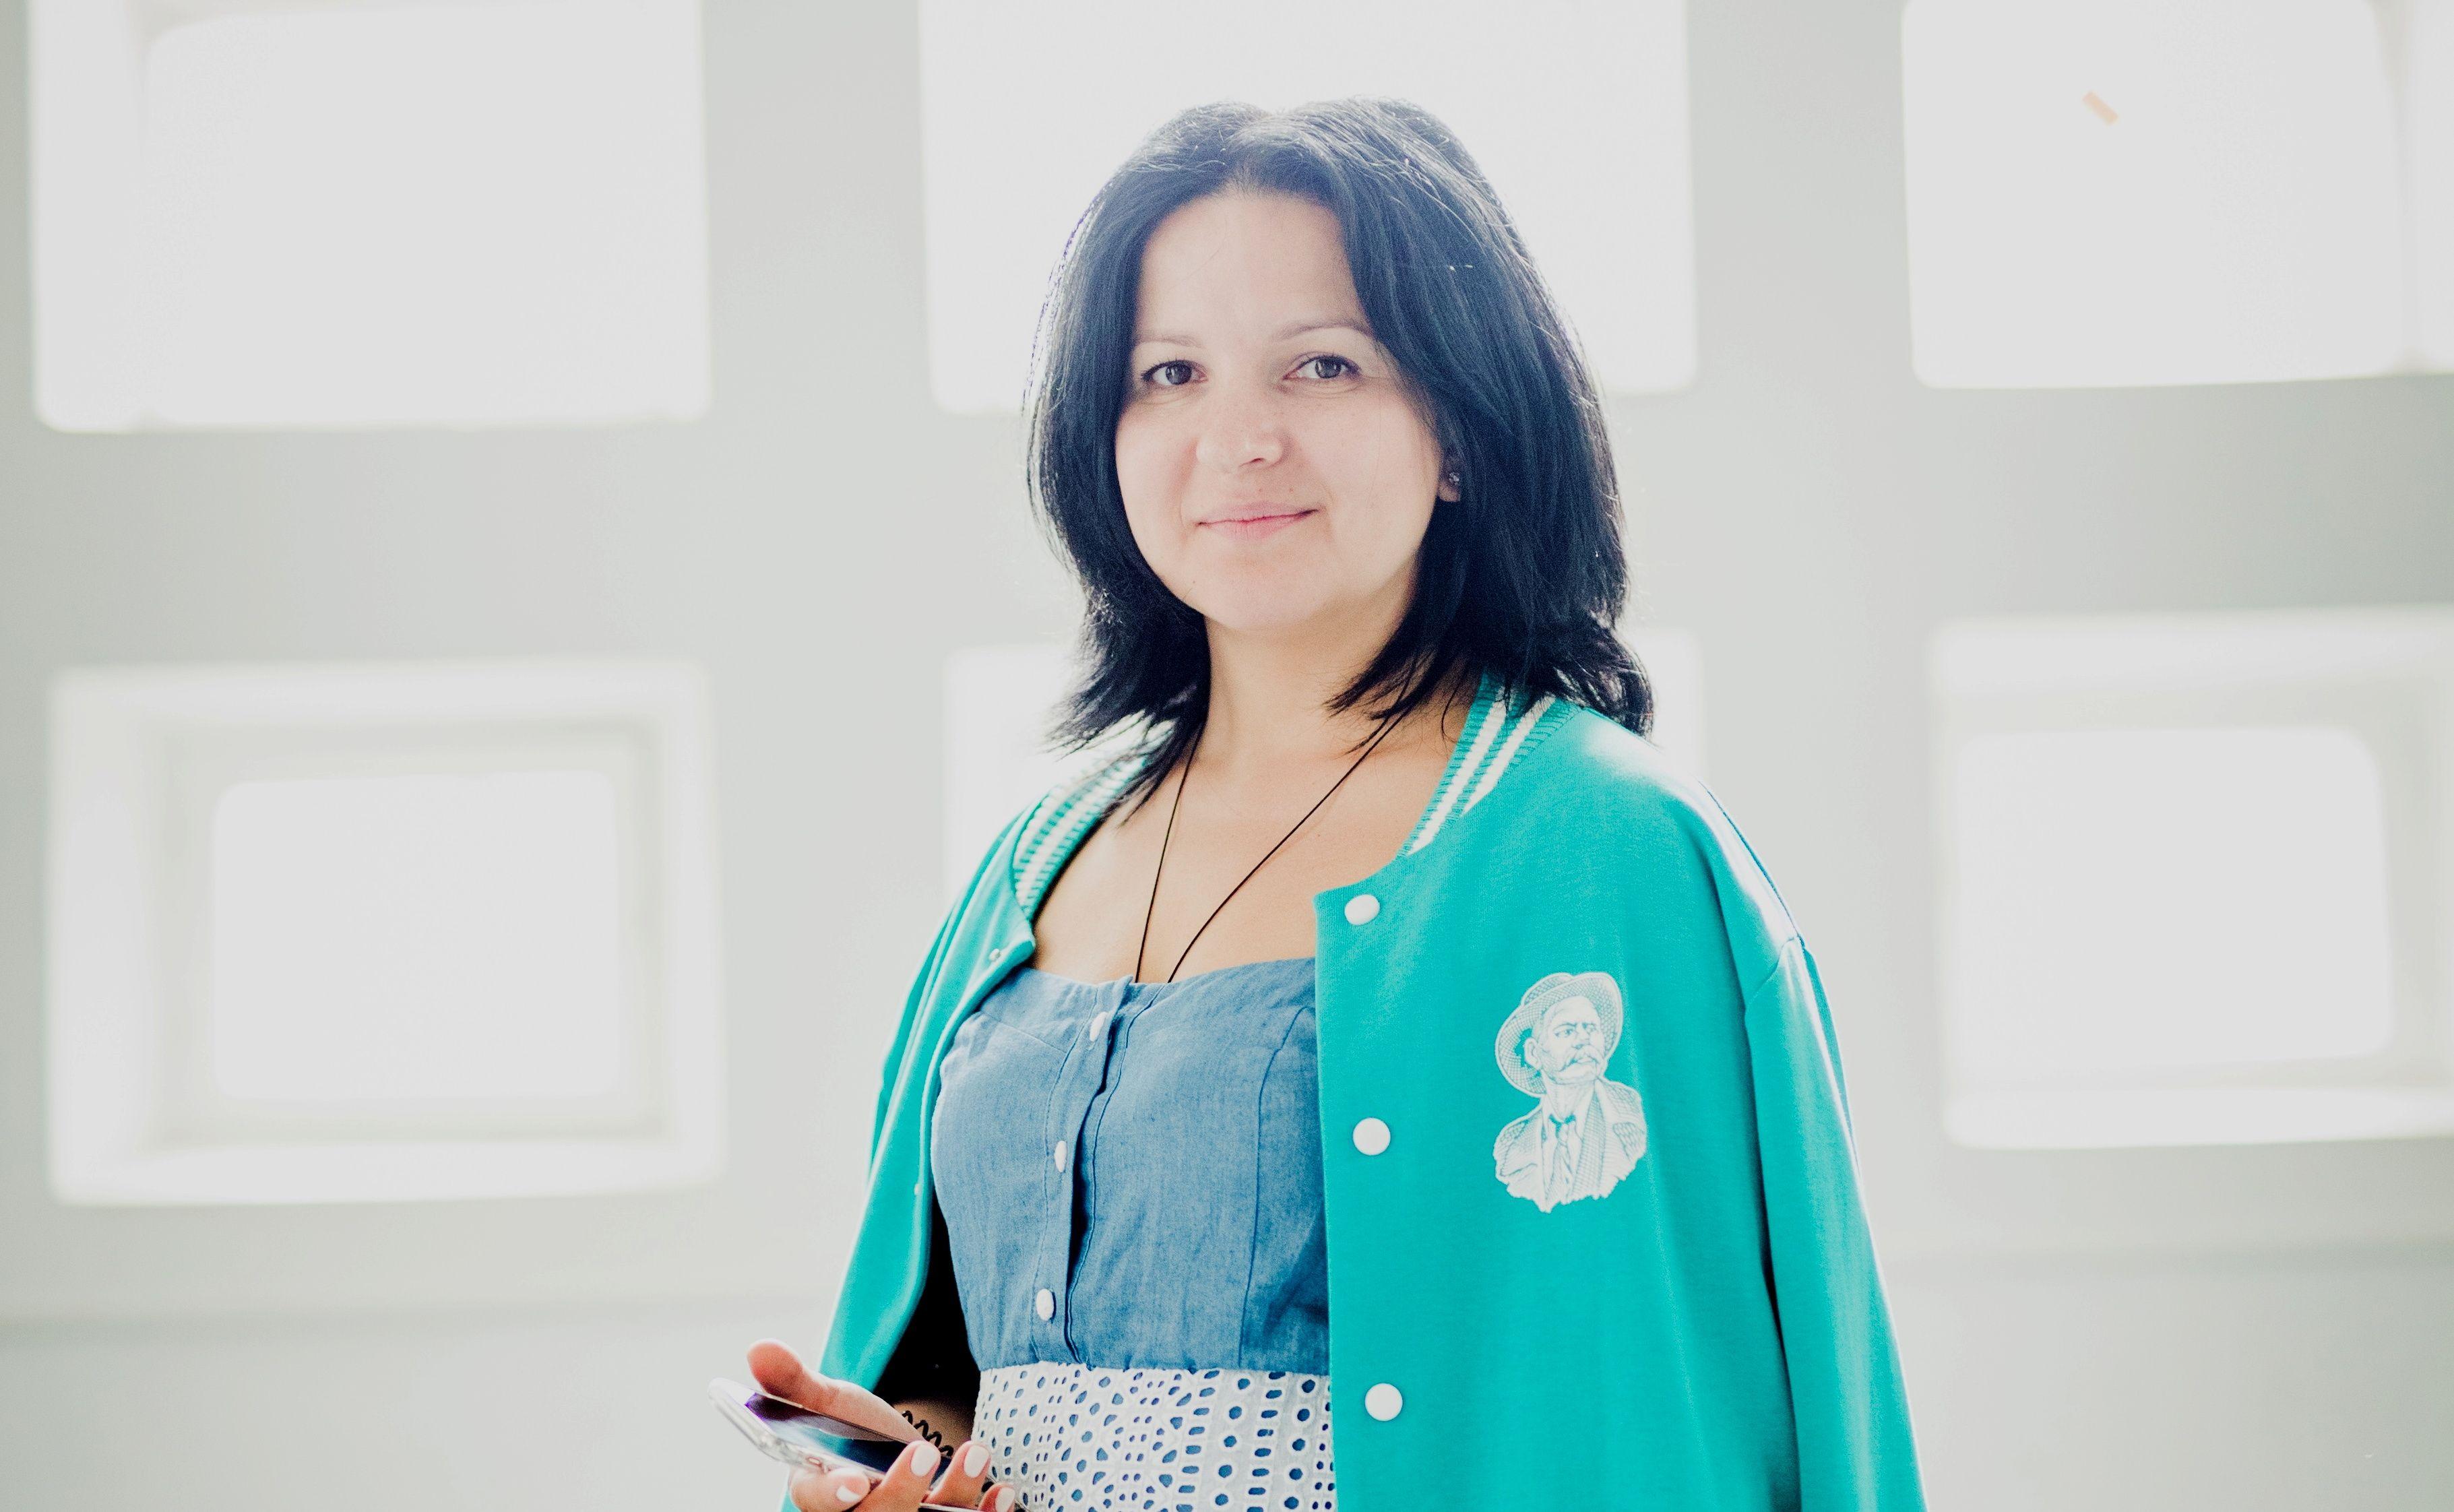 http://kulturomania.ru/upload/iblock/01c/01cf3c09147b72fec240313a5b7791b9.jpg